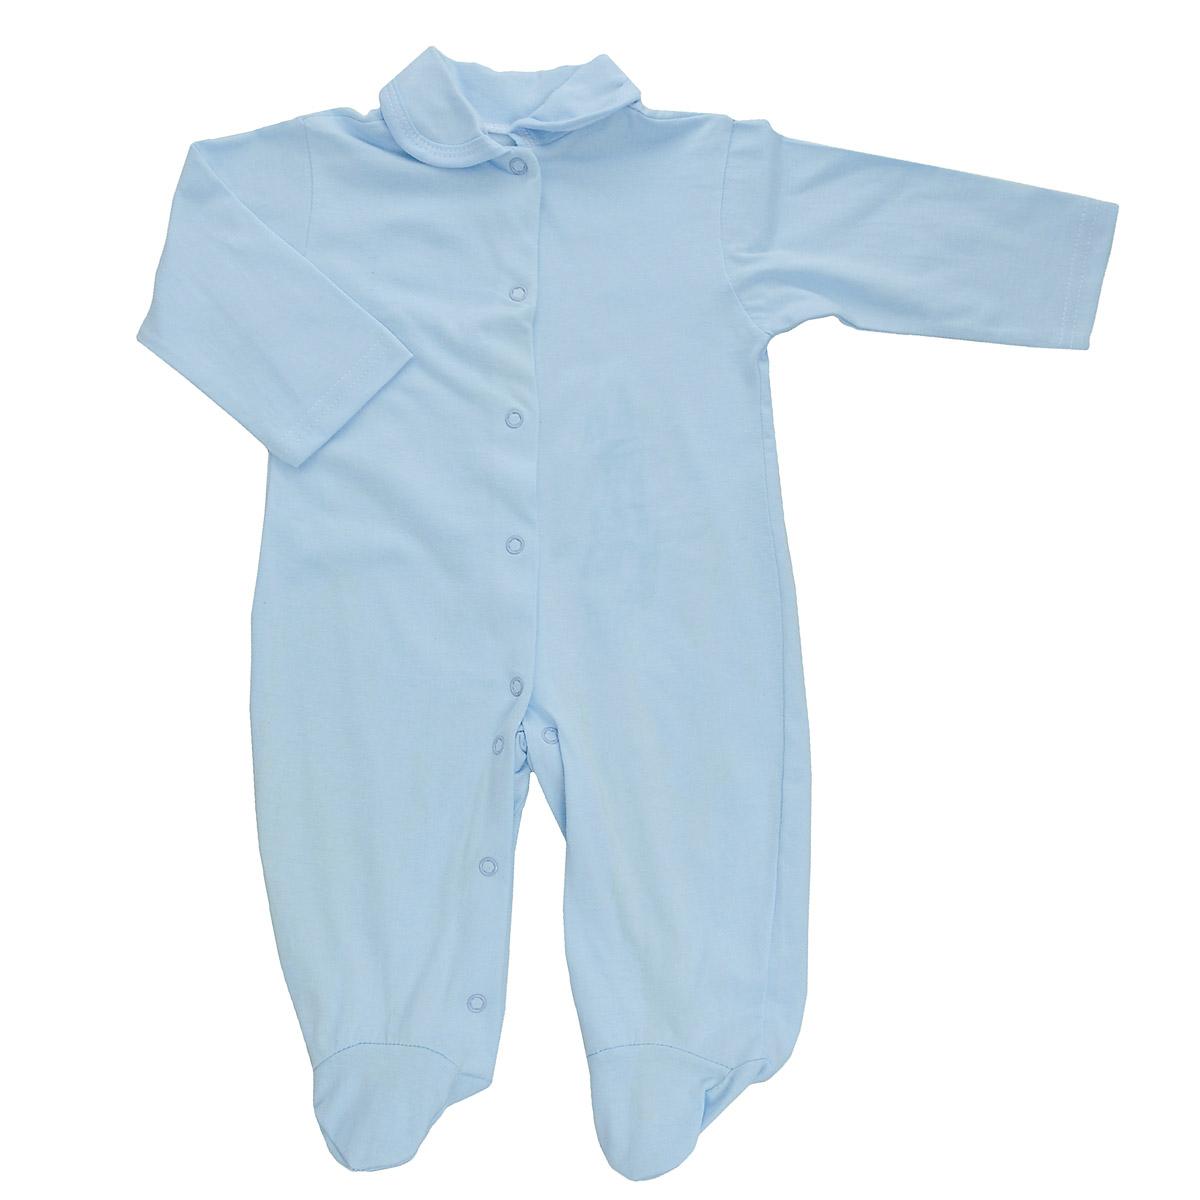 5805Детский комбинезон Трон-Плюс - очень удобный и практичный вид одежды для малышей. Комбинезон выполнен из кулирного полотна - натурального хлопка, благодаря чему он необычайно мягкий и приятный на ощупь, не раздражает нежную кожу ребенка, и хорошо вентилируются, а эластичные швы приятны телу малыша и не препятствуют его движениям. Комбинезон с длинными рукавами, закрытыми ножками и отложным воротничком имеет застежки-кнопки от горловины до щиколоток, которые помогают легко переодеть младенца или сменить подгузник. С детским комбинезоном спинка и ножки вашего малыша всегда будут в тепле, он идеален для использования днем и незаменим ночью. Комбинезон полностью соответствует особенностям жизни младенца в ранний период, не стесняя и не ограничивая его в движениях!